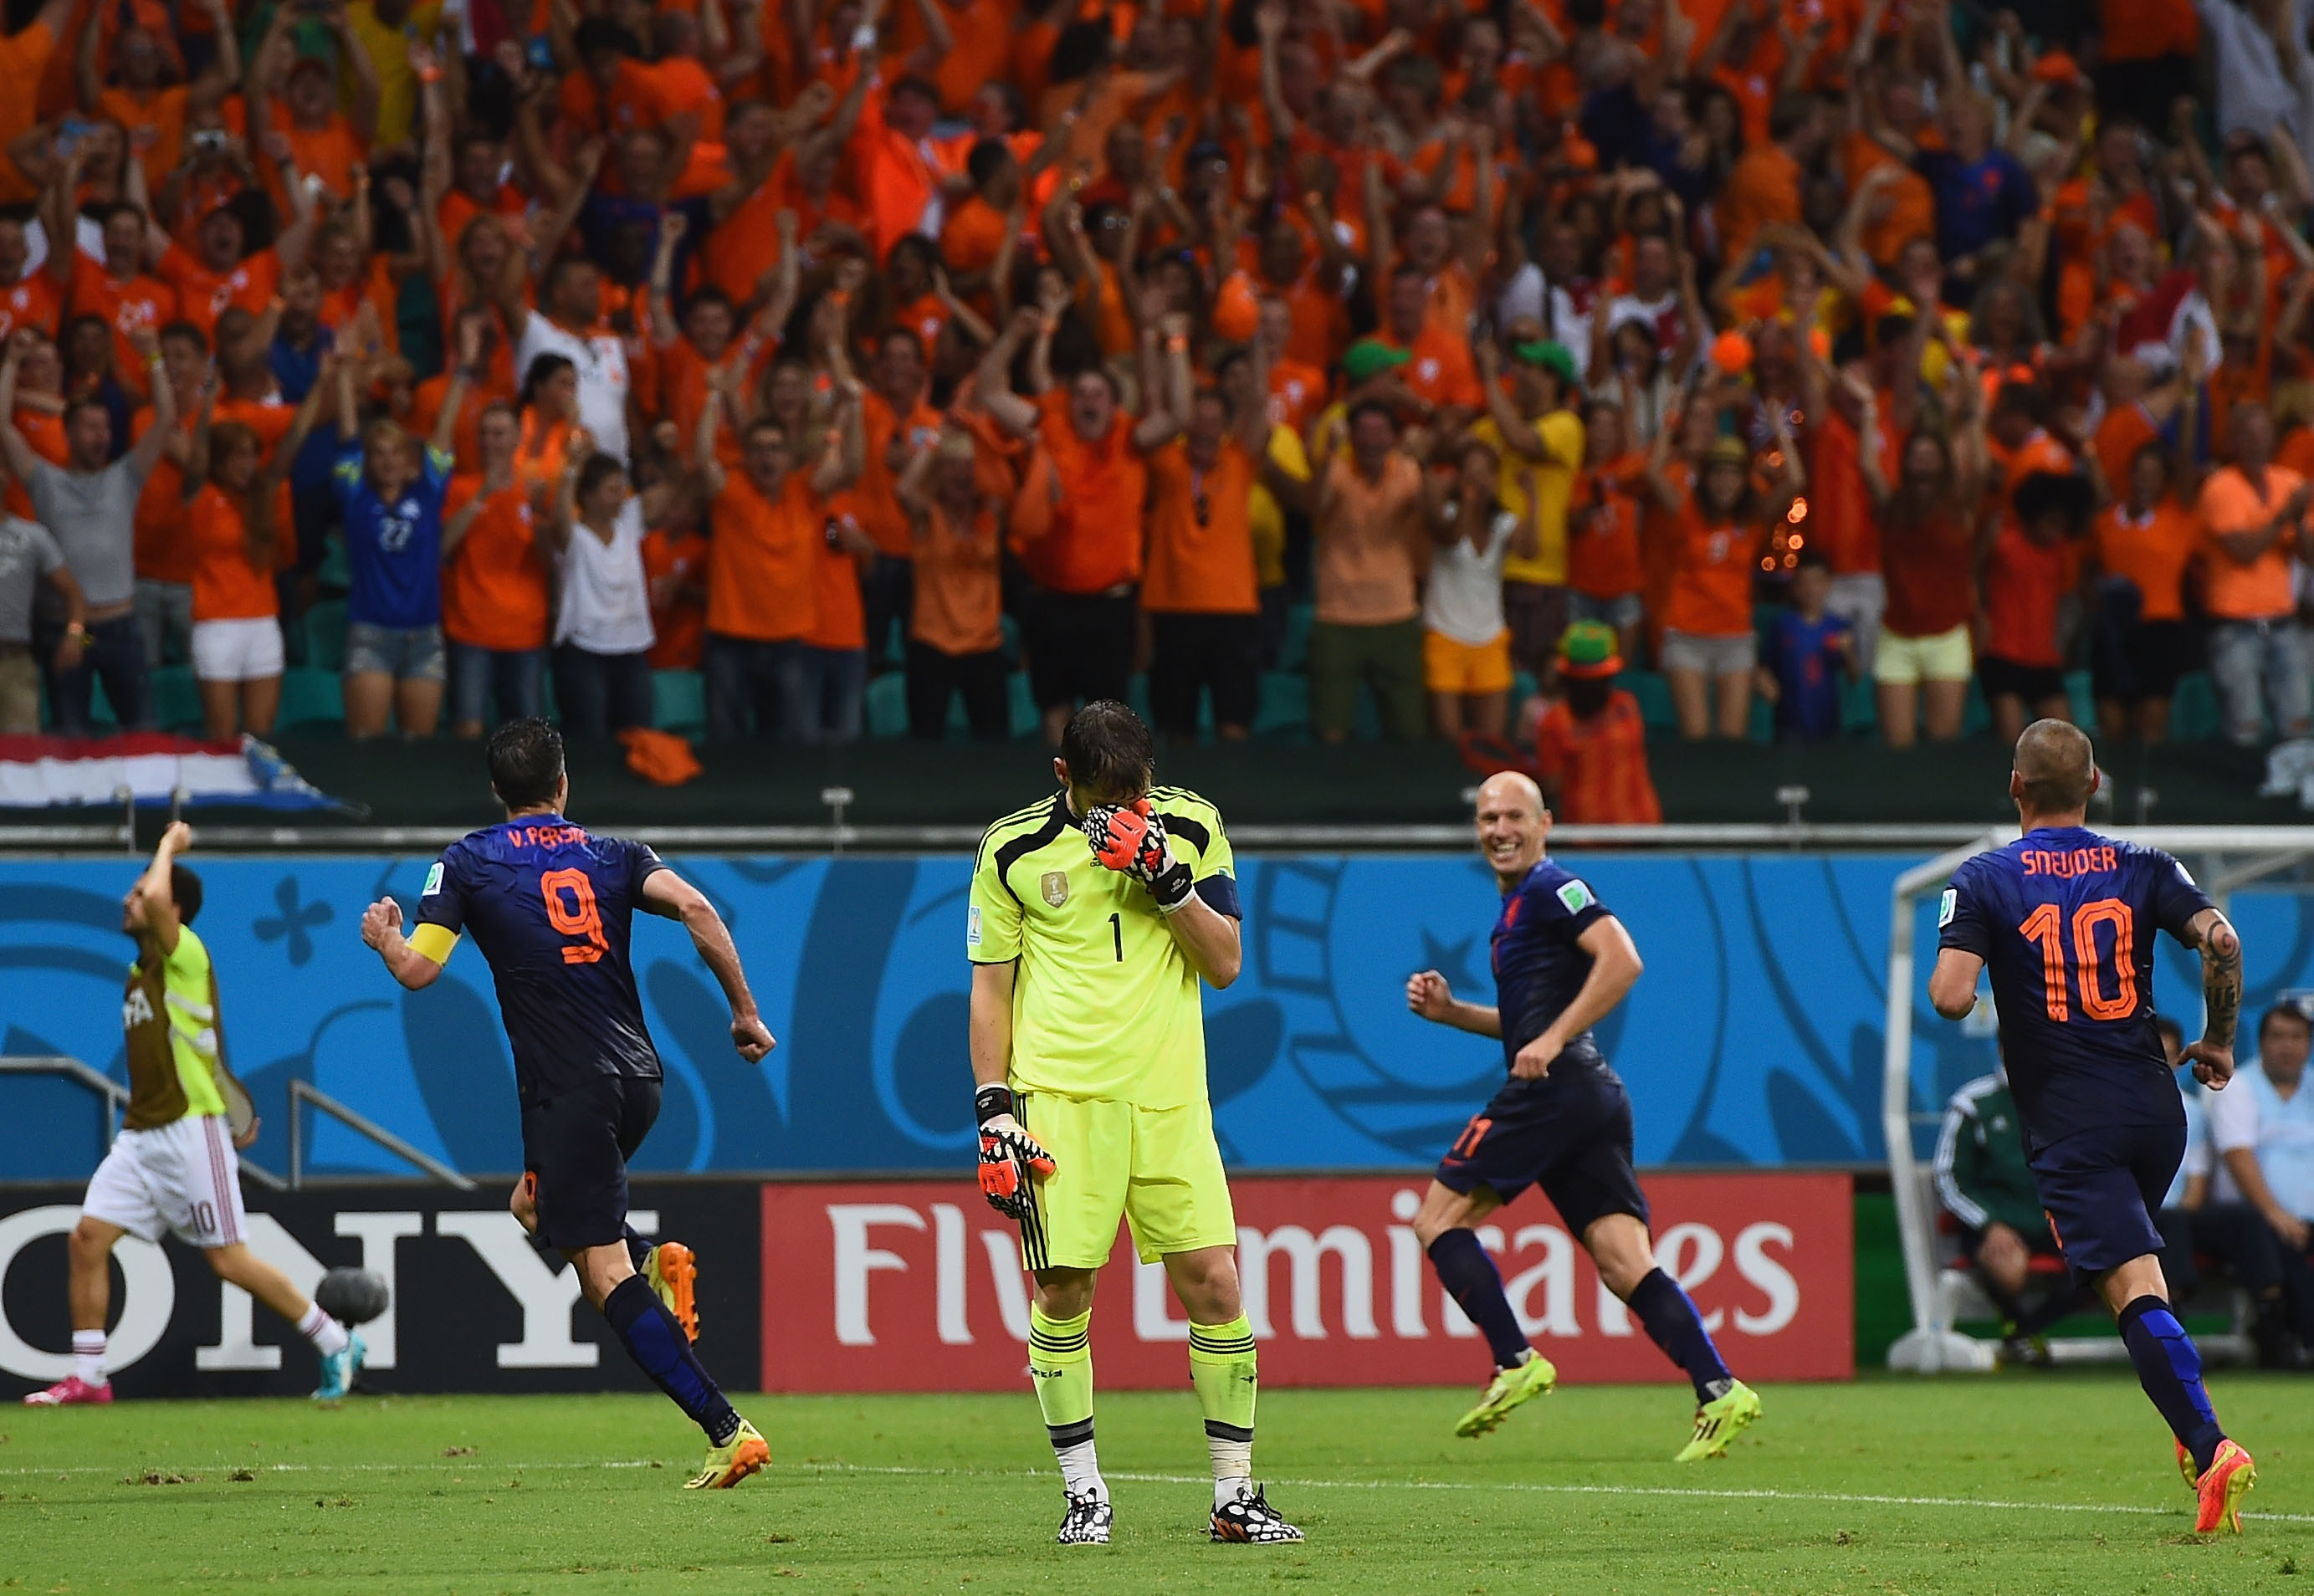 O declínio de La Roja - A Arte do Futebol 2